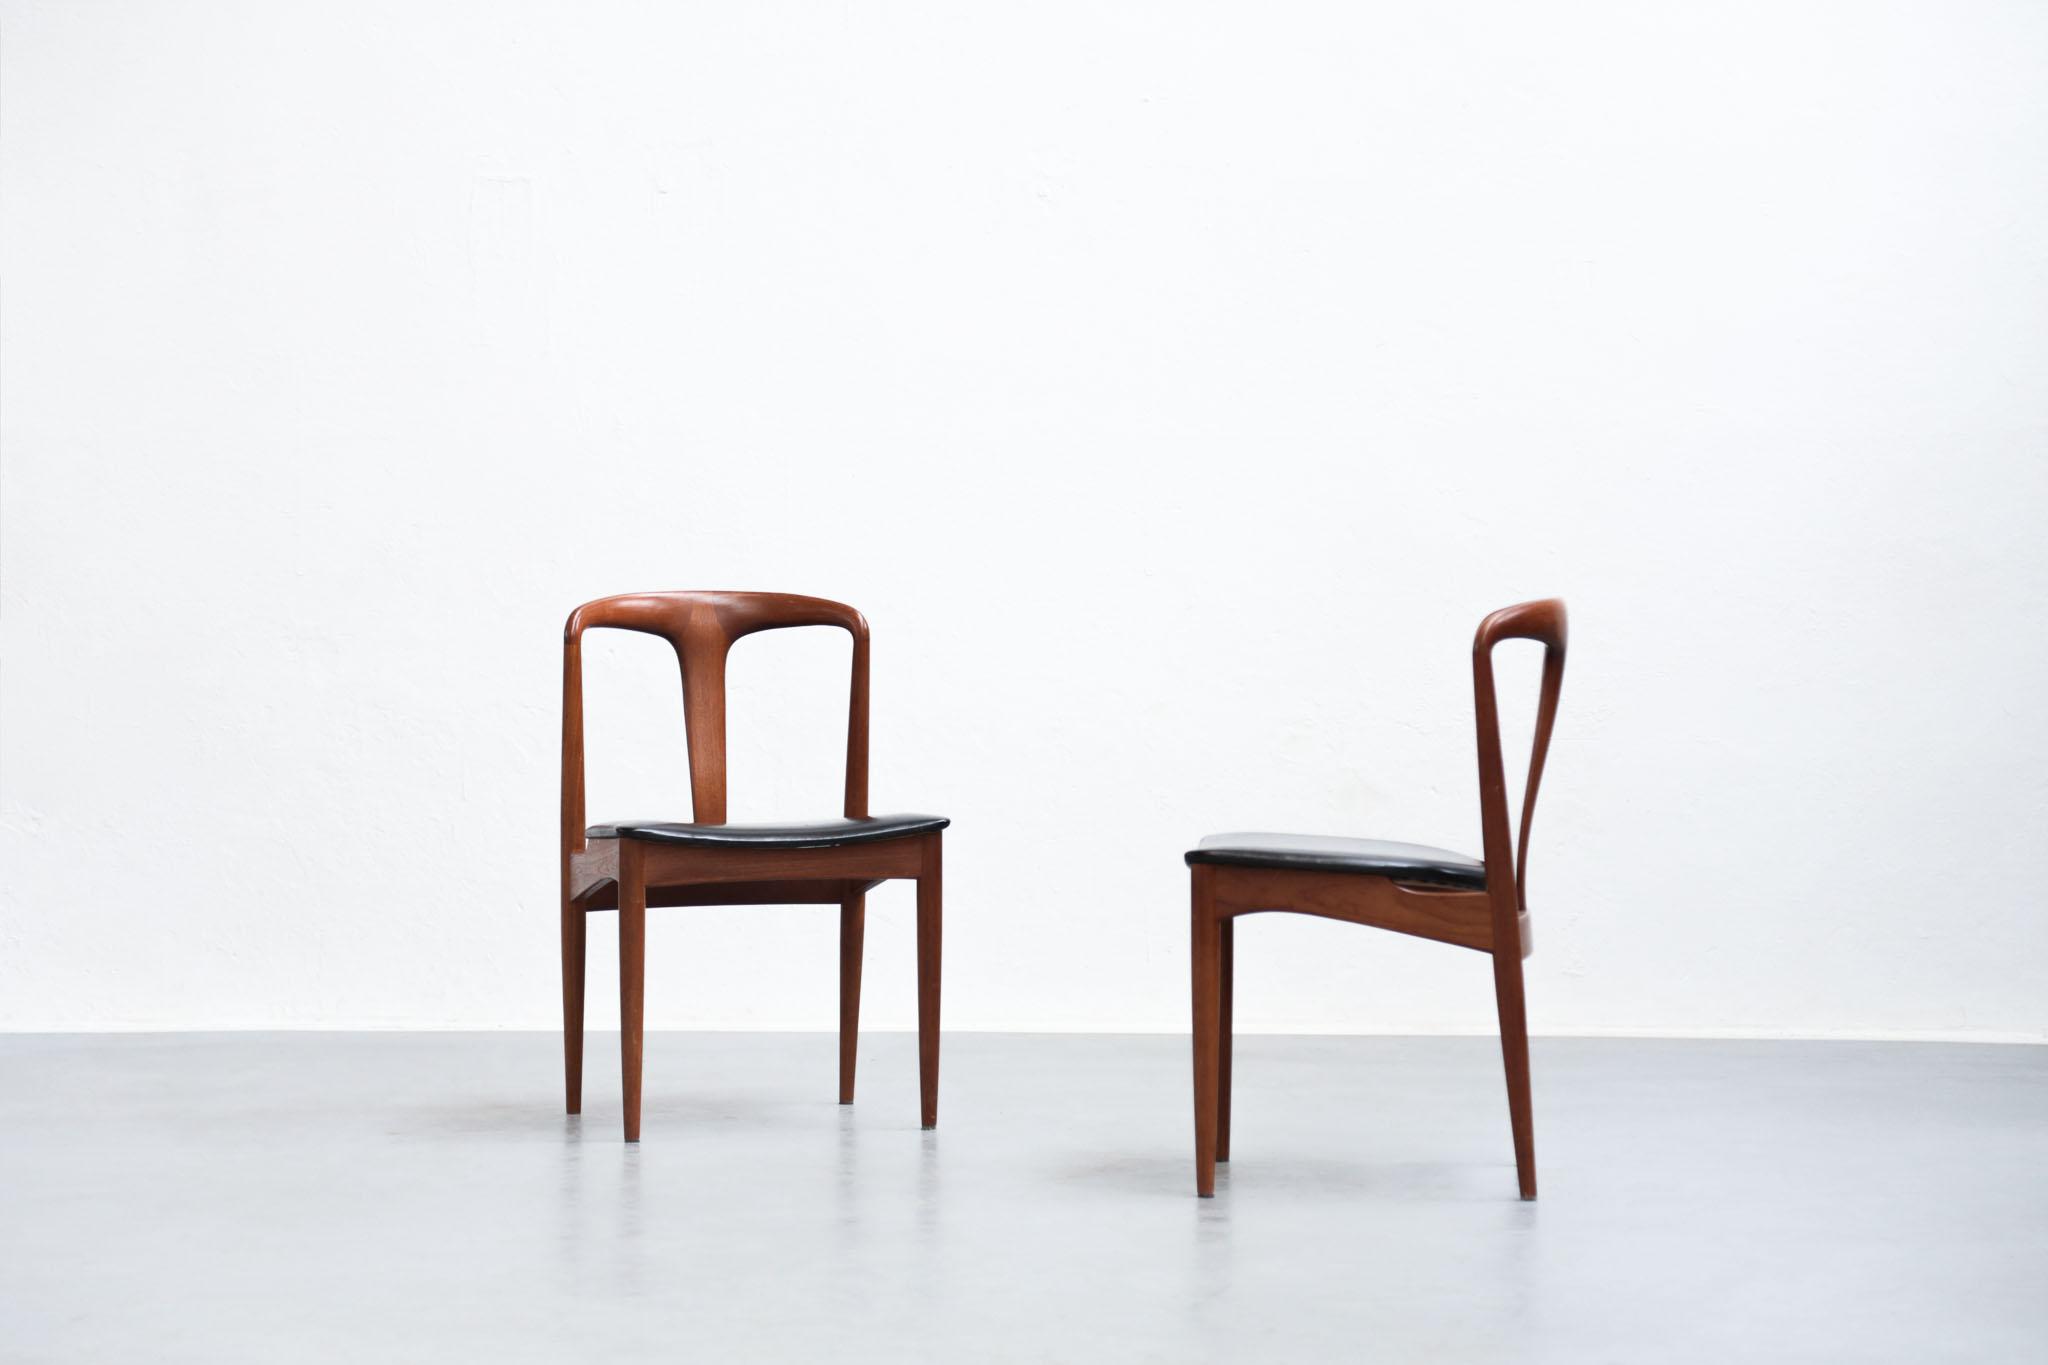 Chaise Danoise Design & Suite De 6 Chaises Danoises En Palissandre